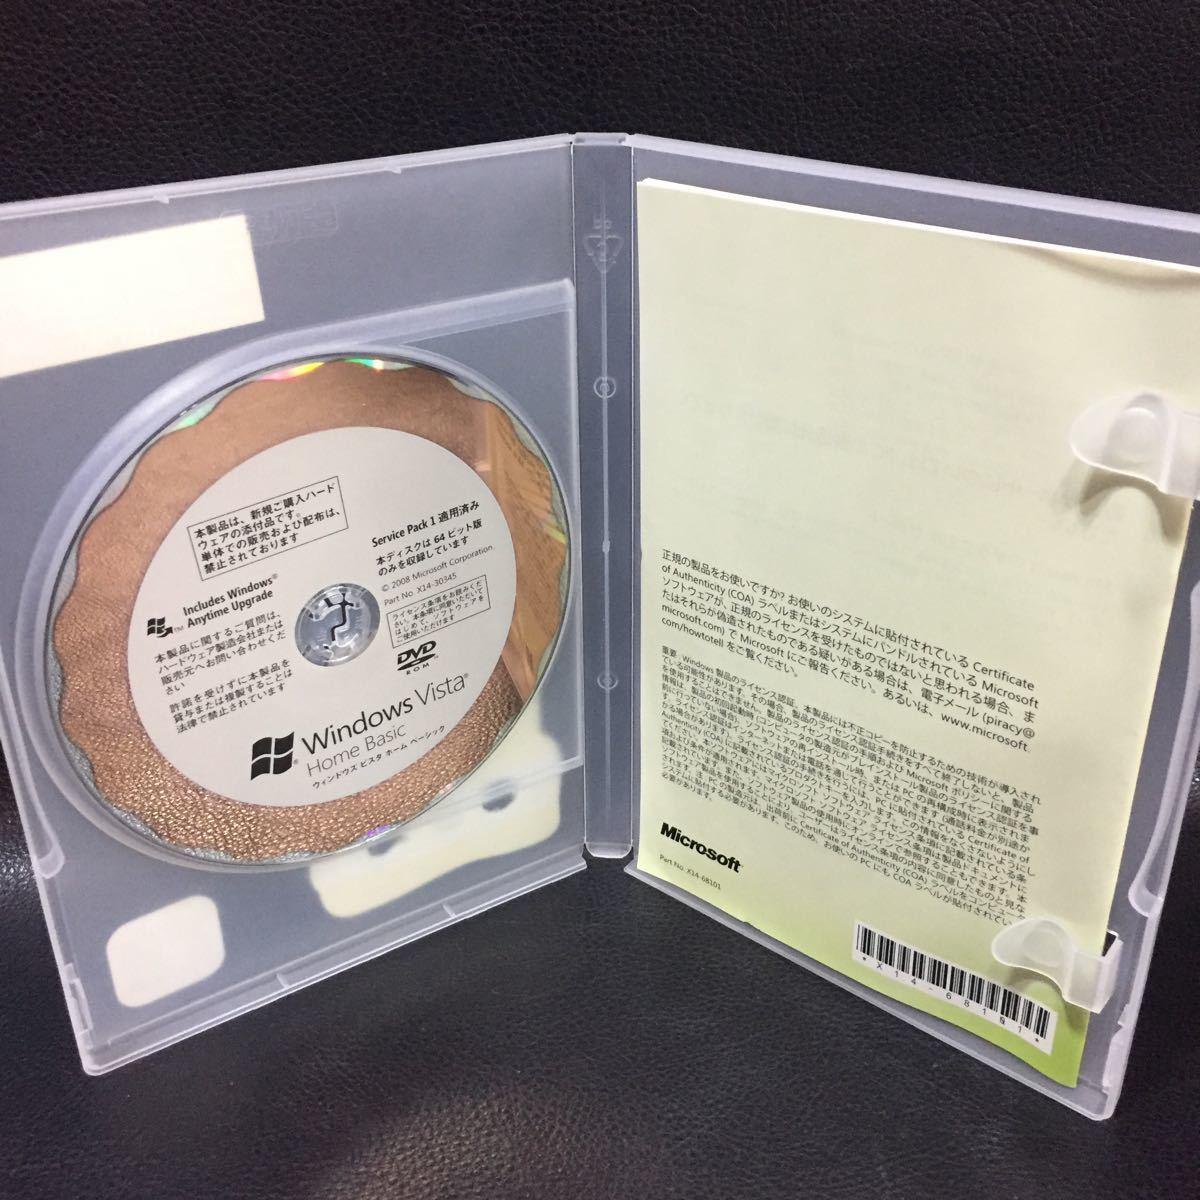 現状品 Windows Vista Home Basic 64bit OEM版 SP1適用済みプロダクトコード付き 【L-3】_画像2